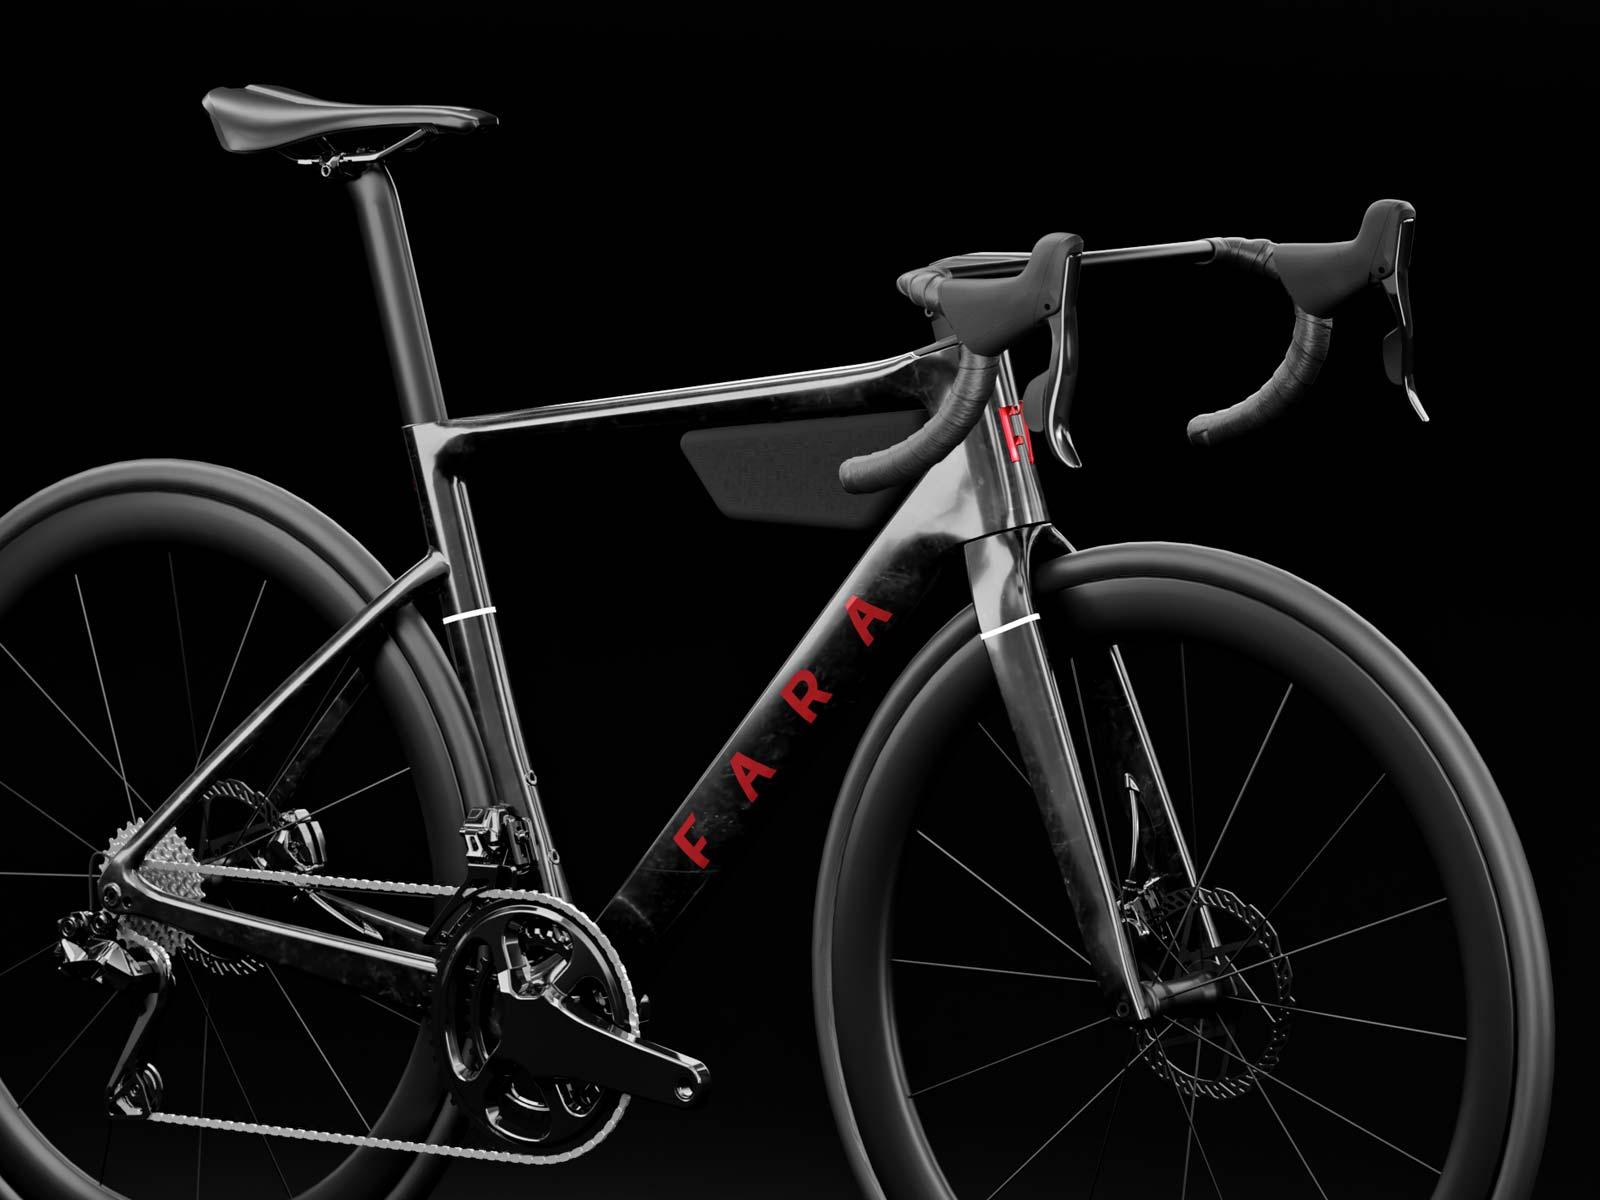 Fara F/RD aero carbon udholdenhed eventyr terrængående cykel, vinklet front